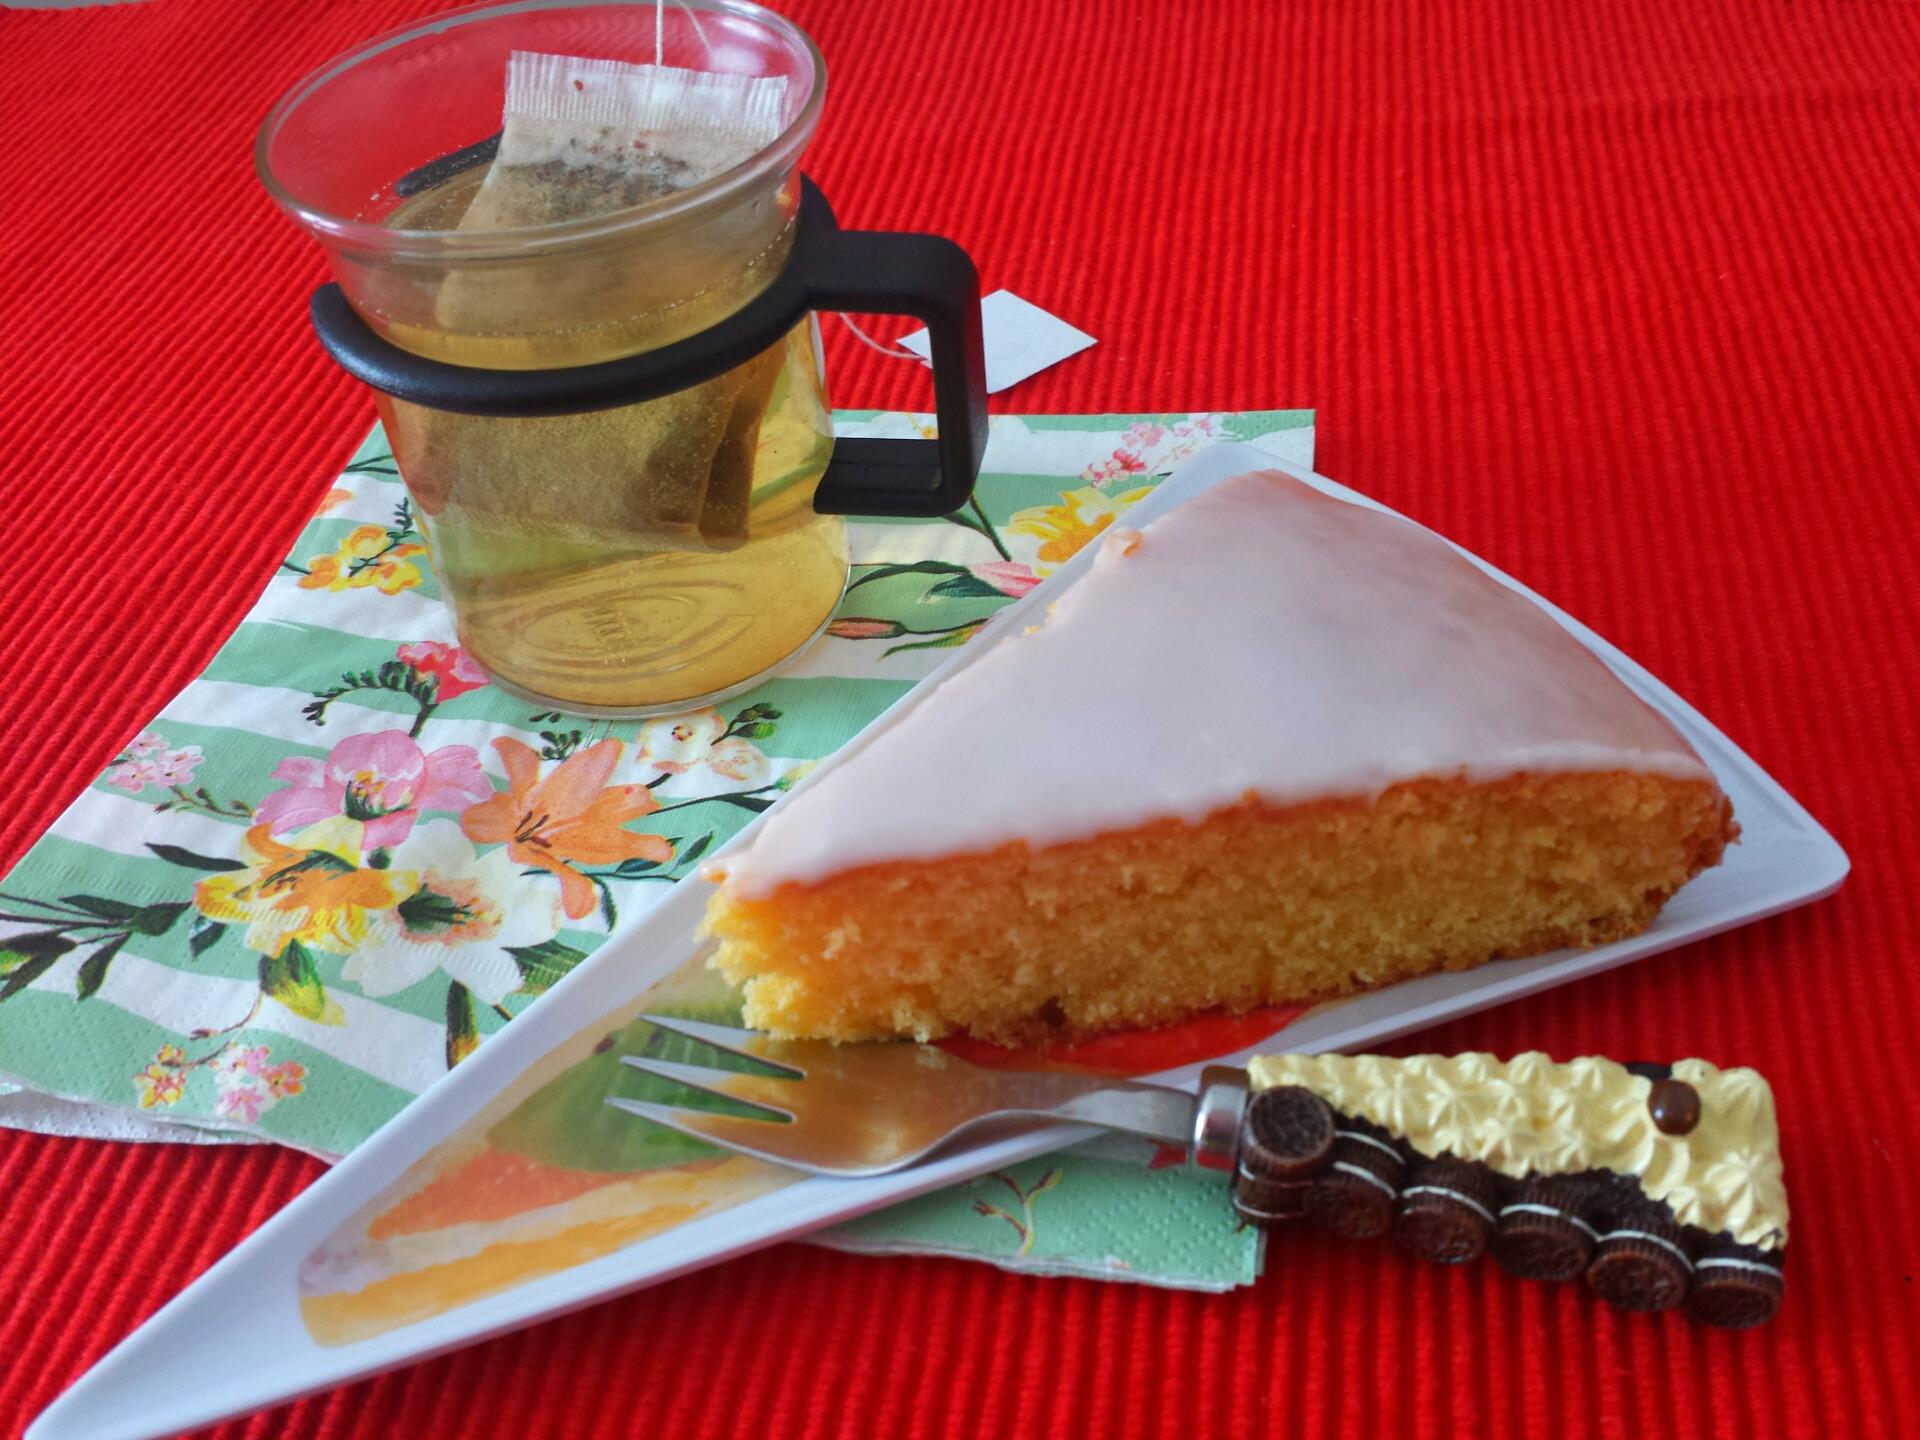 torta glassata agli agrumi senza glutine e lattosio